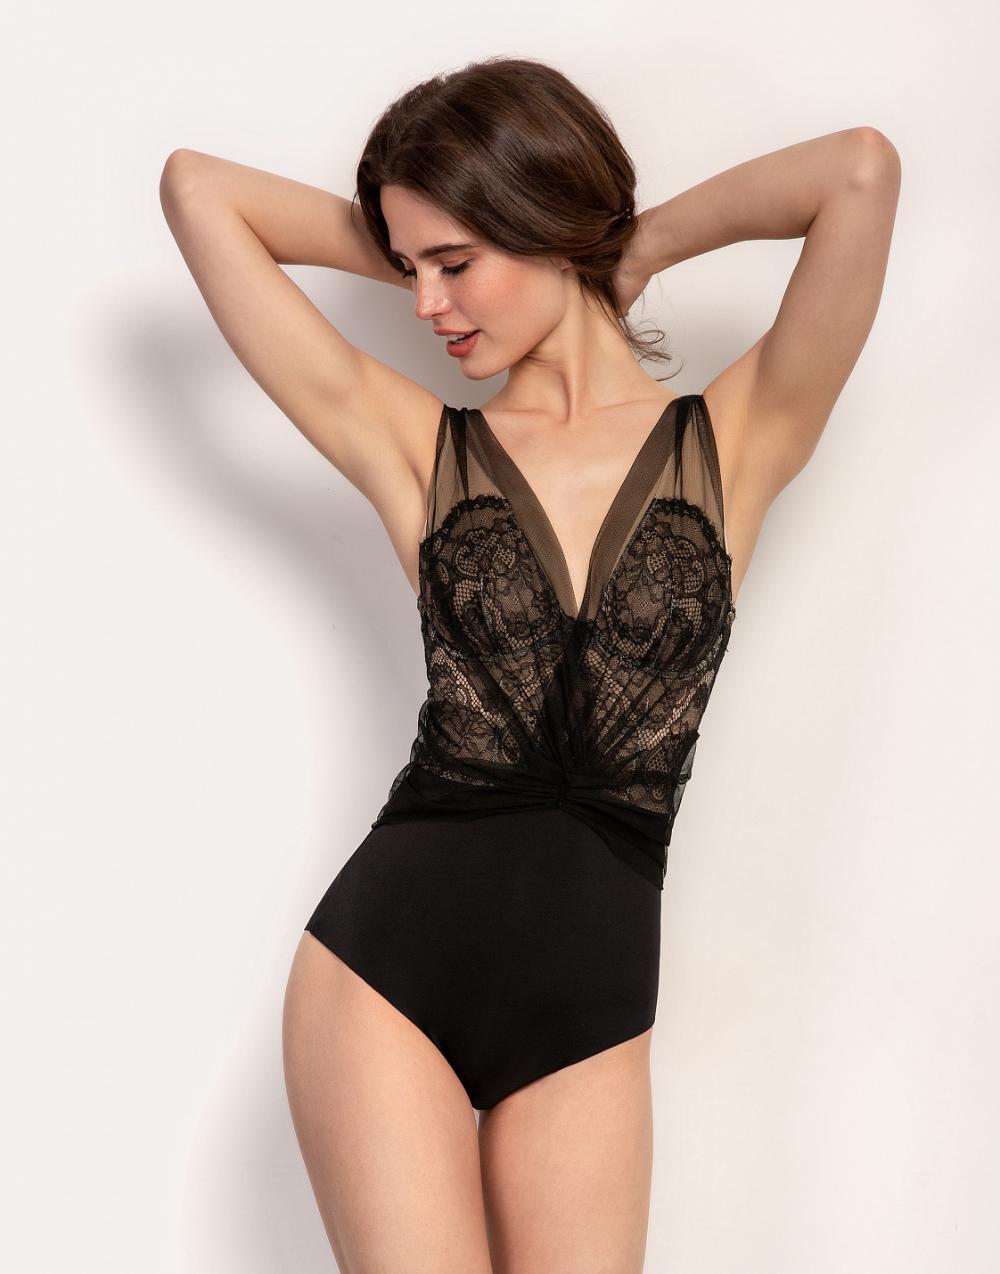 Купить итальянское женское белье в интернет магазине вакуумный упаковщик caso vc 6 обзор